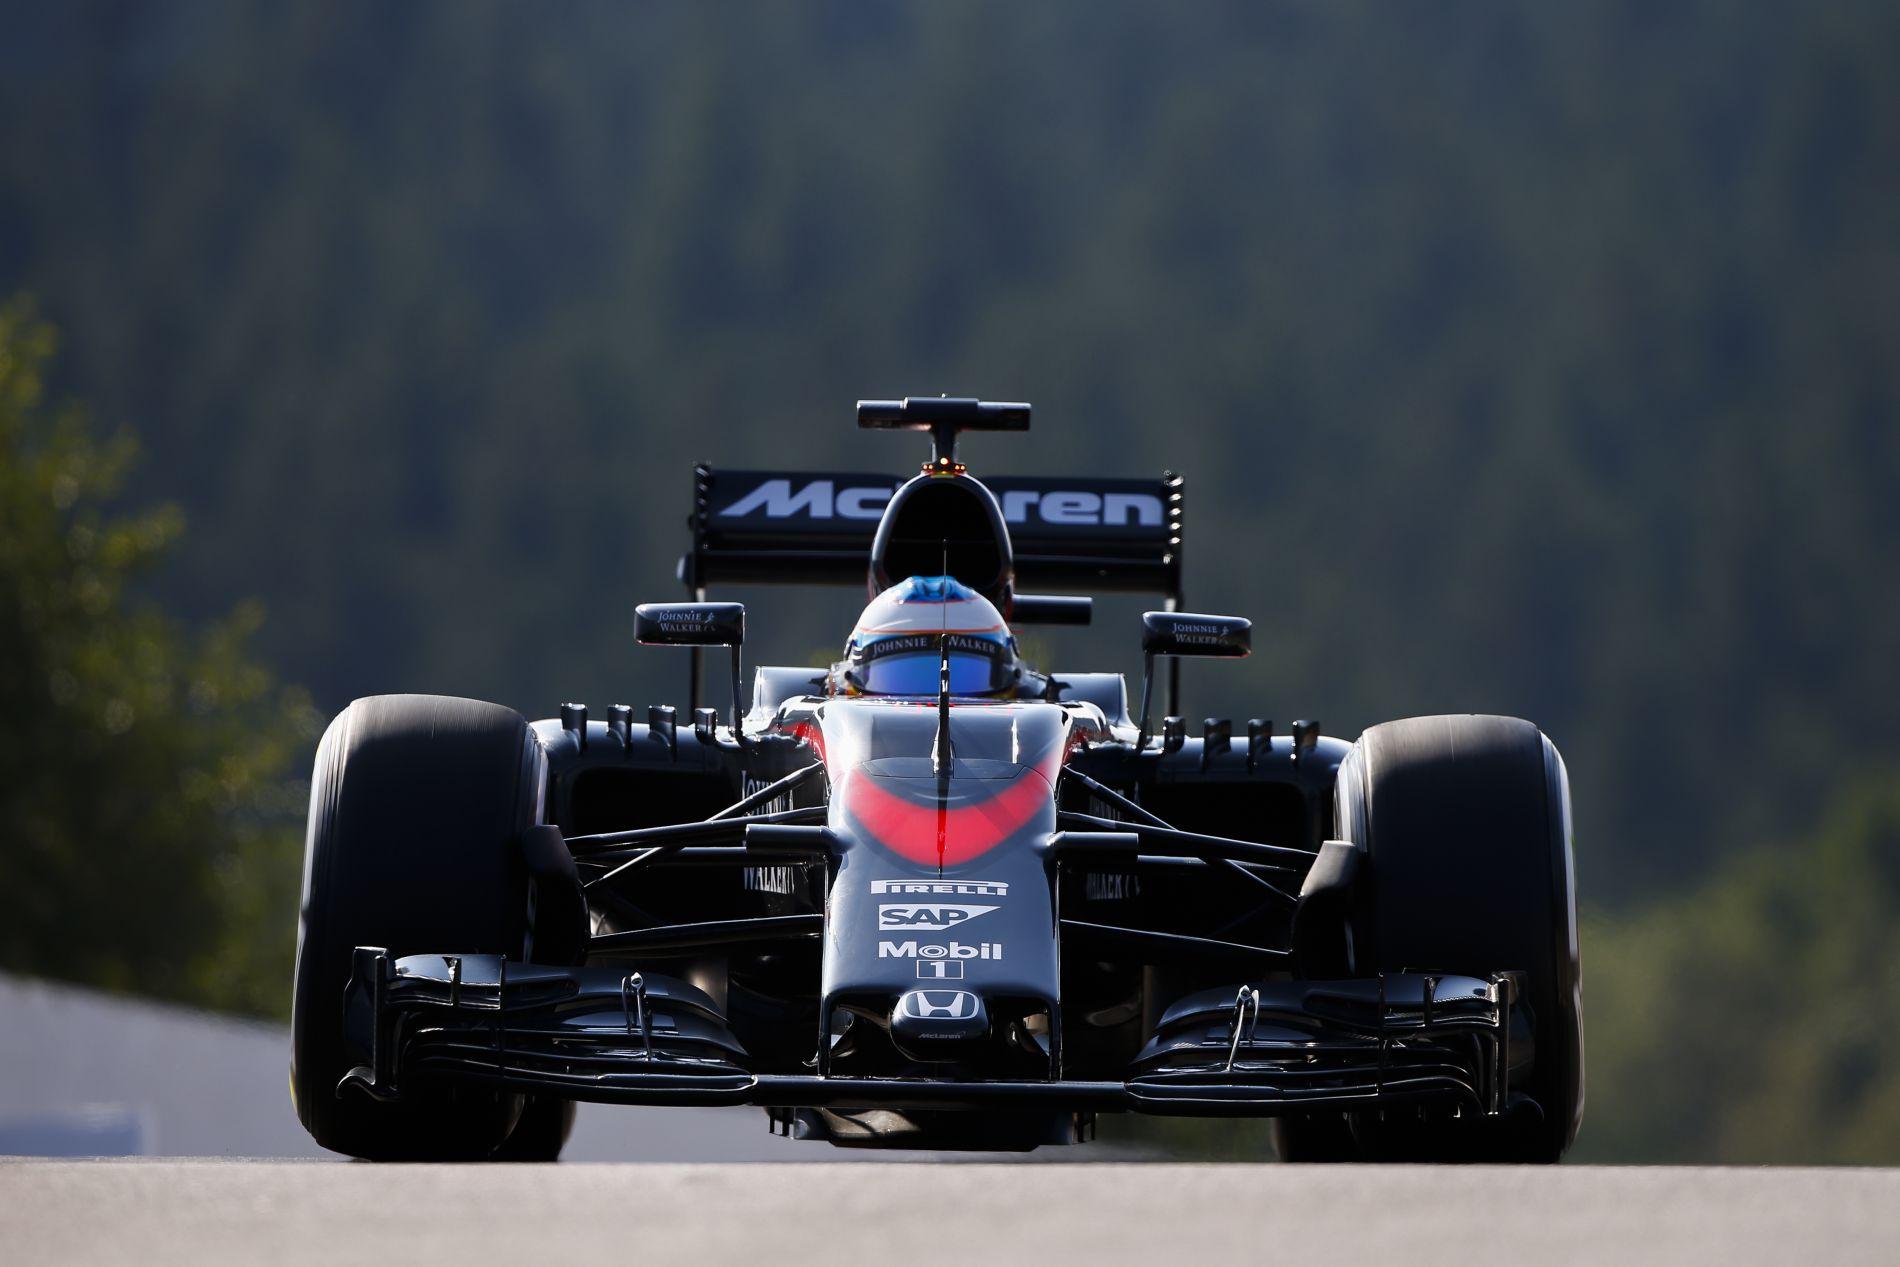 Alonso szerint csak egy lehetséges út maradt: kockáztatni kell, nincs mit veszíteni